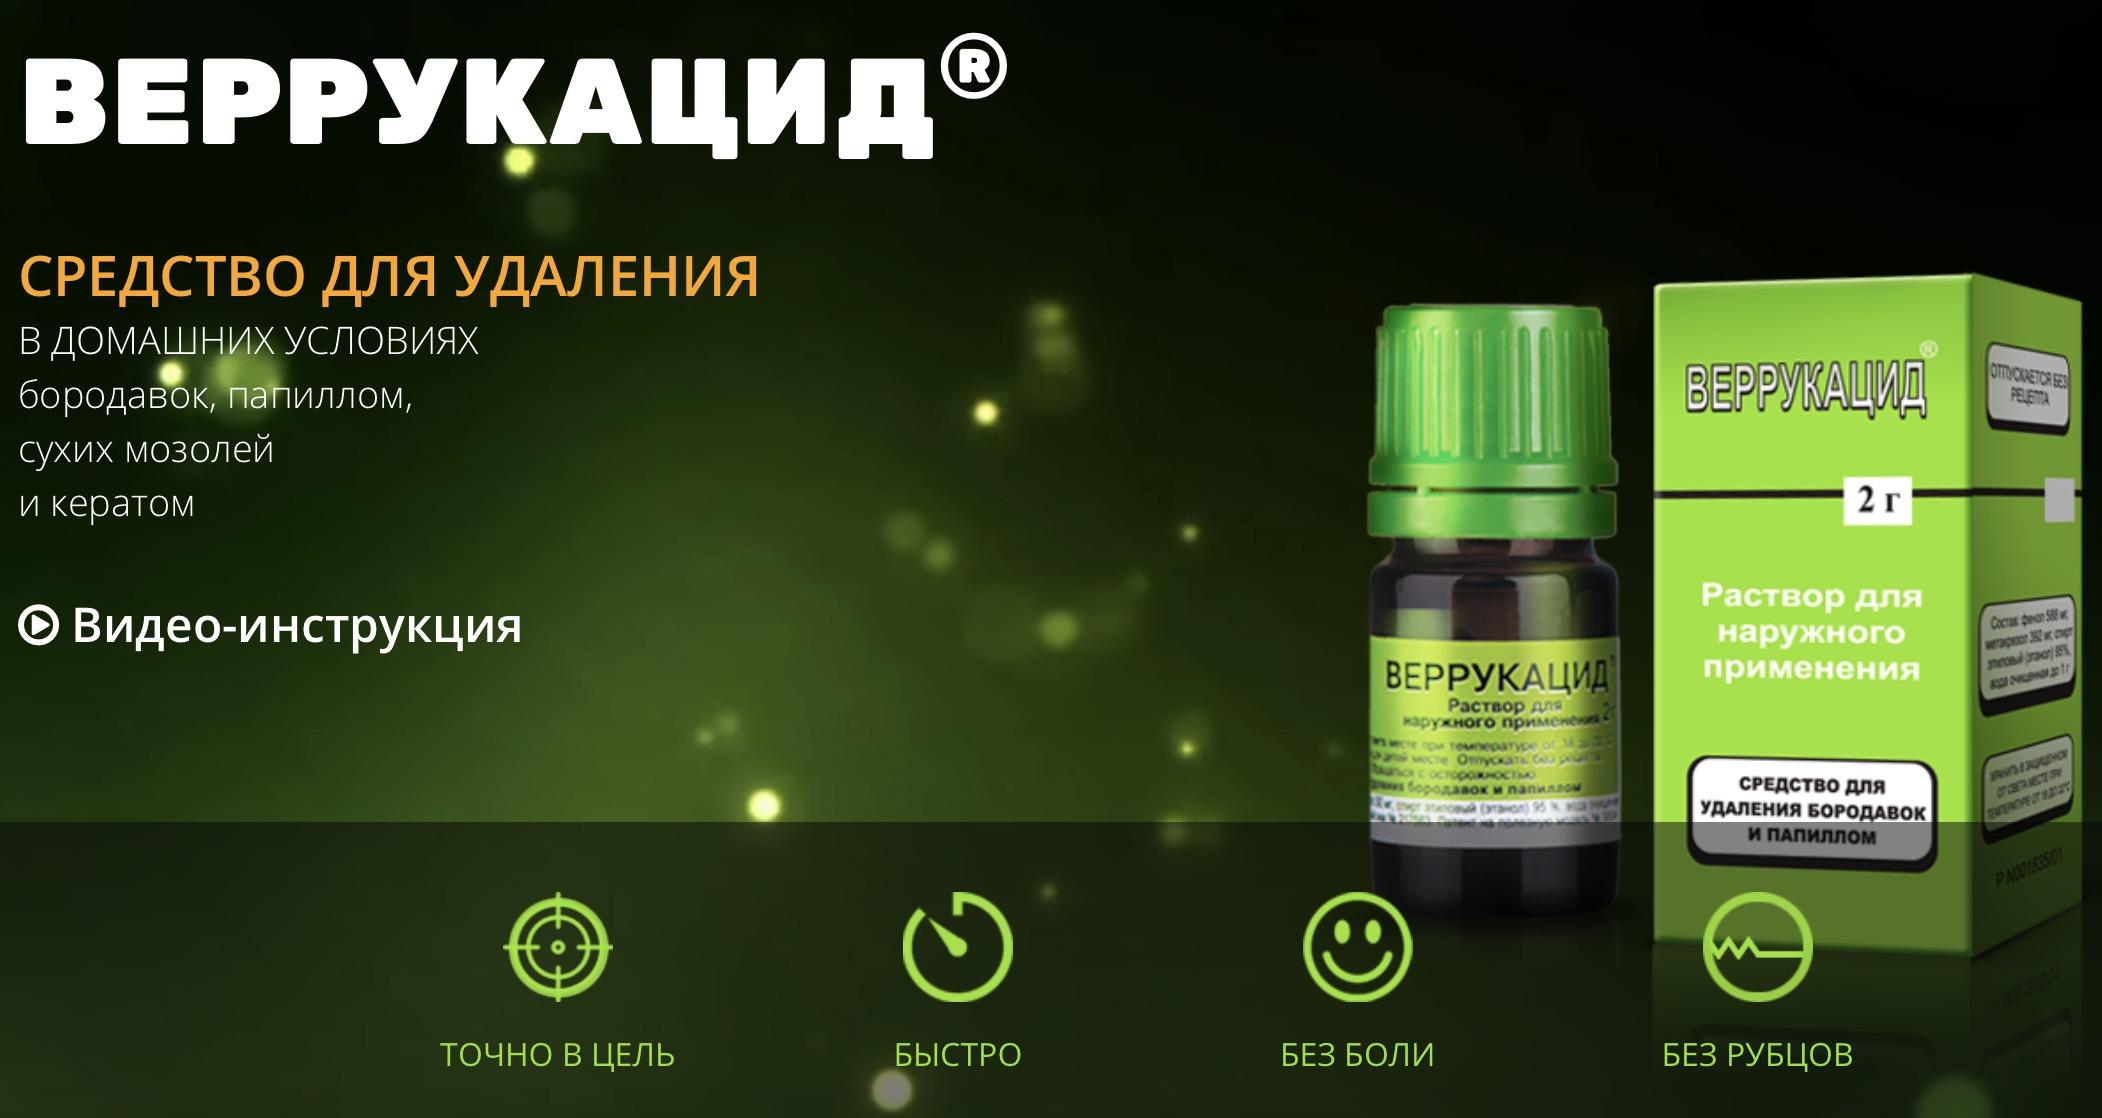 Таблетки от папилломы на теле: виды препаратов против инфекции, какие использовать для лечения впч у мужчин и женщин